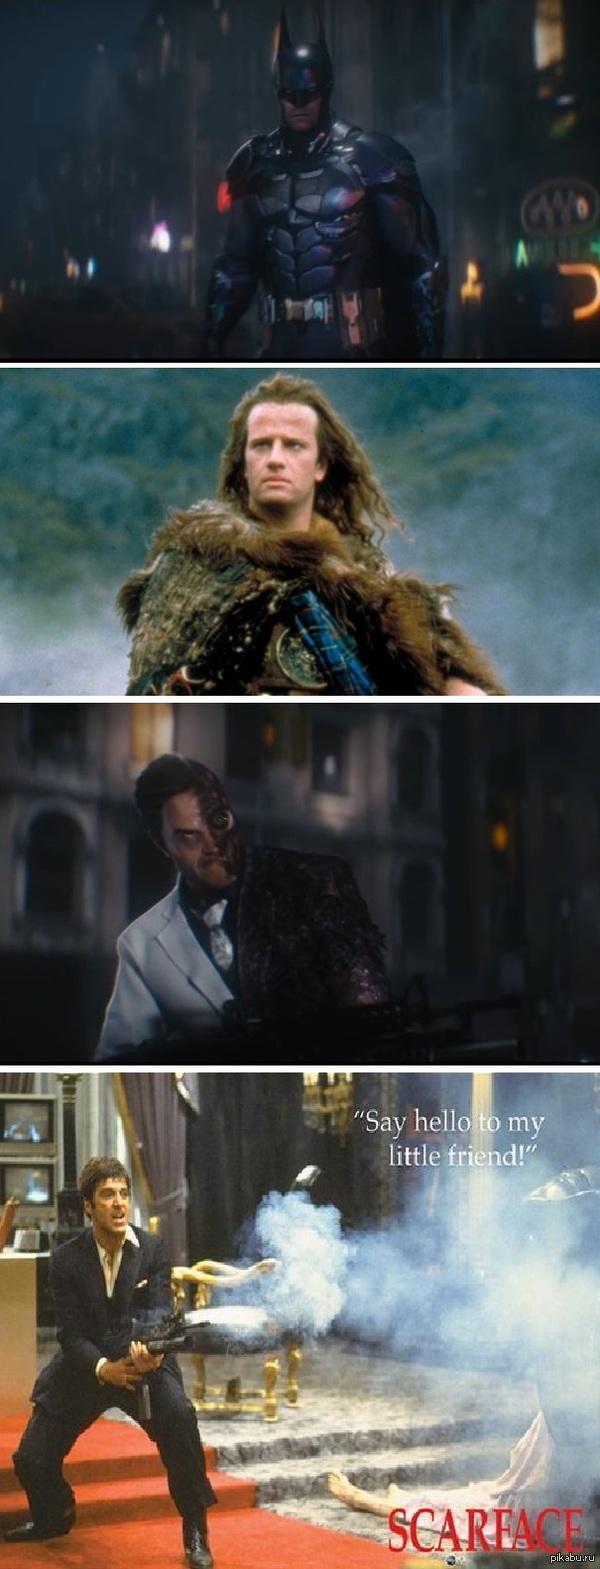 Интересное совпадение в Batman: Arkham Knight Что я в первую очередь увидел, когда смотрел свежий трейлер